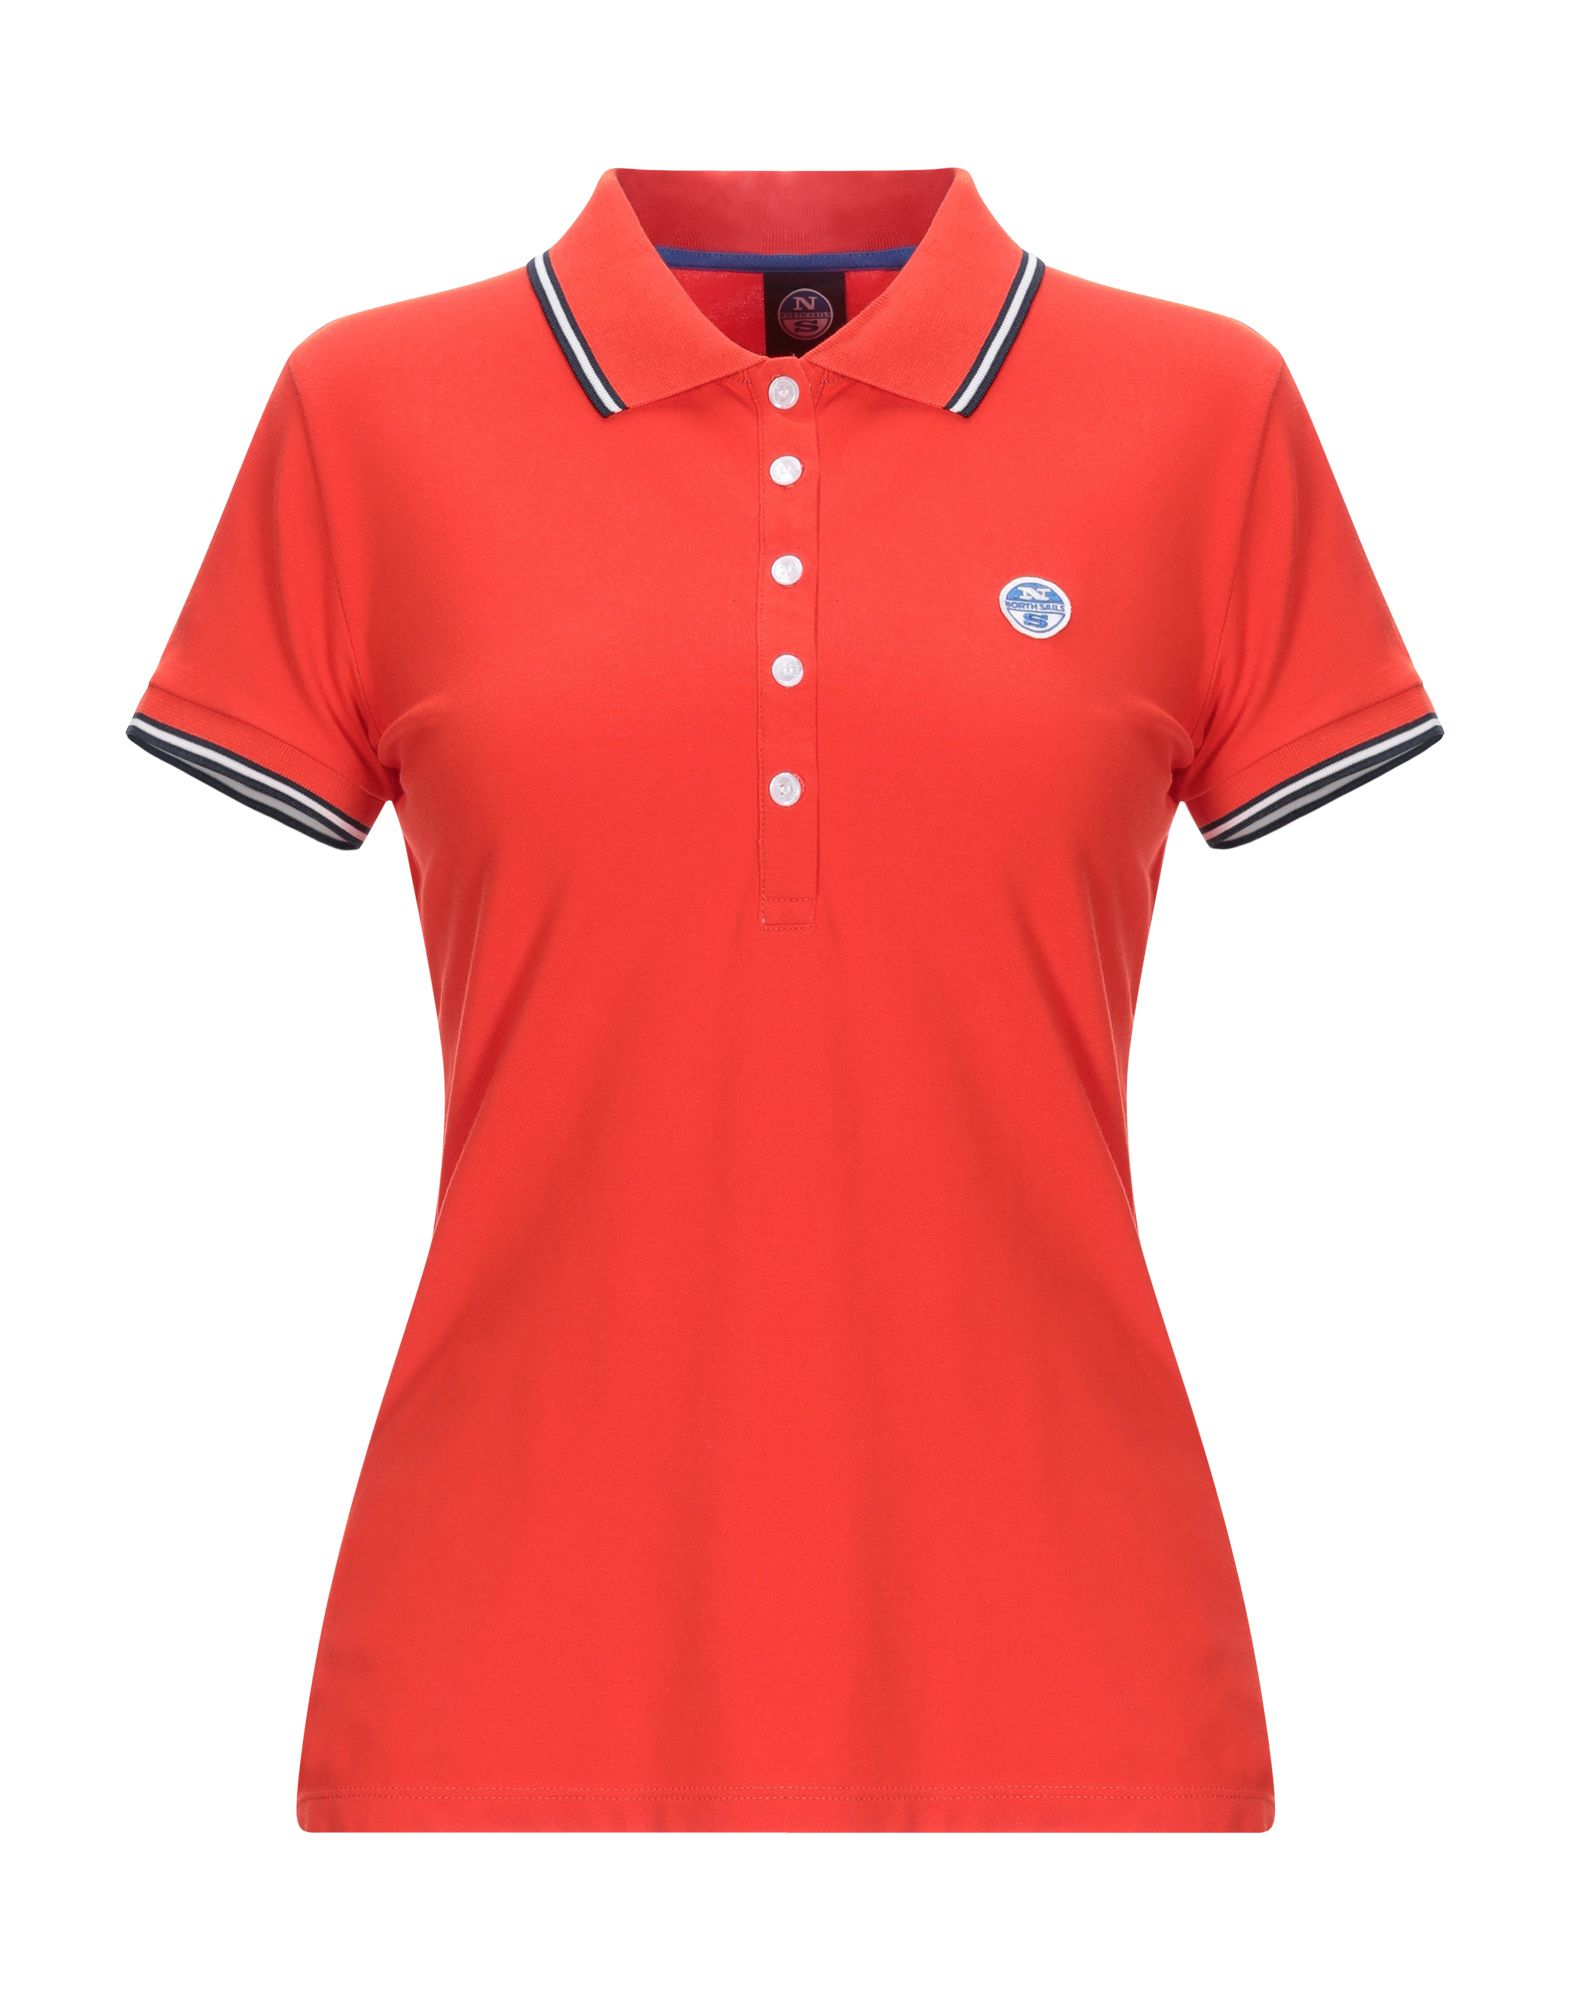 《送料無料》NORTH SAILS レディース ポロシャツ レッド XS コットン 100%